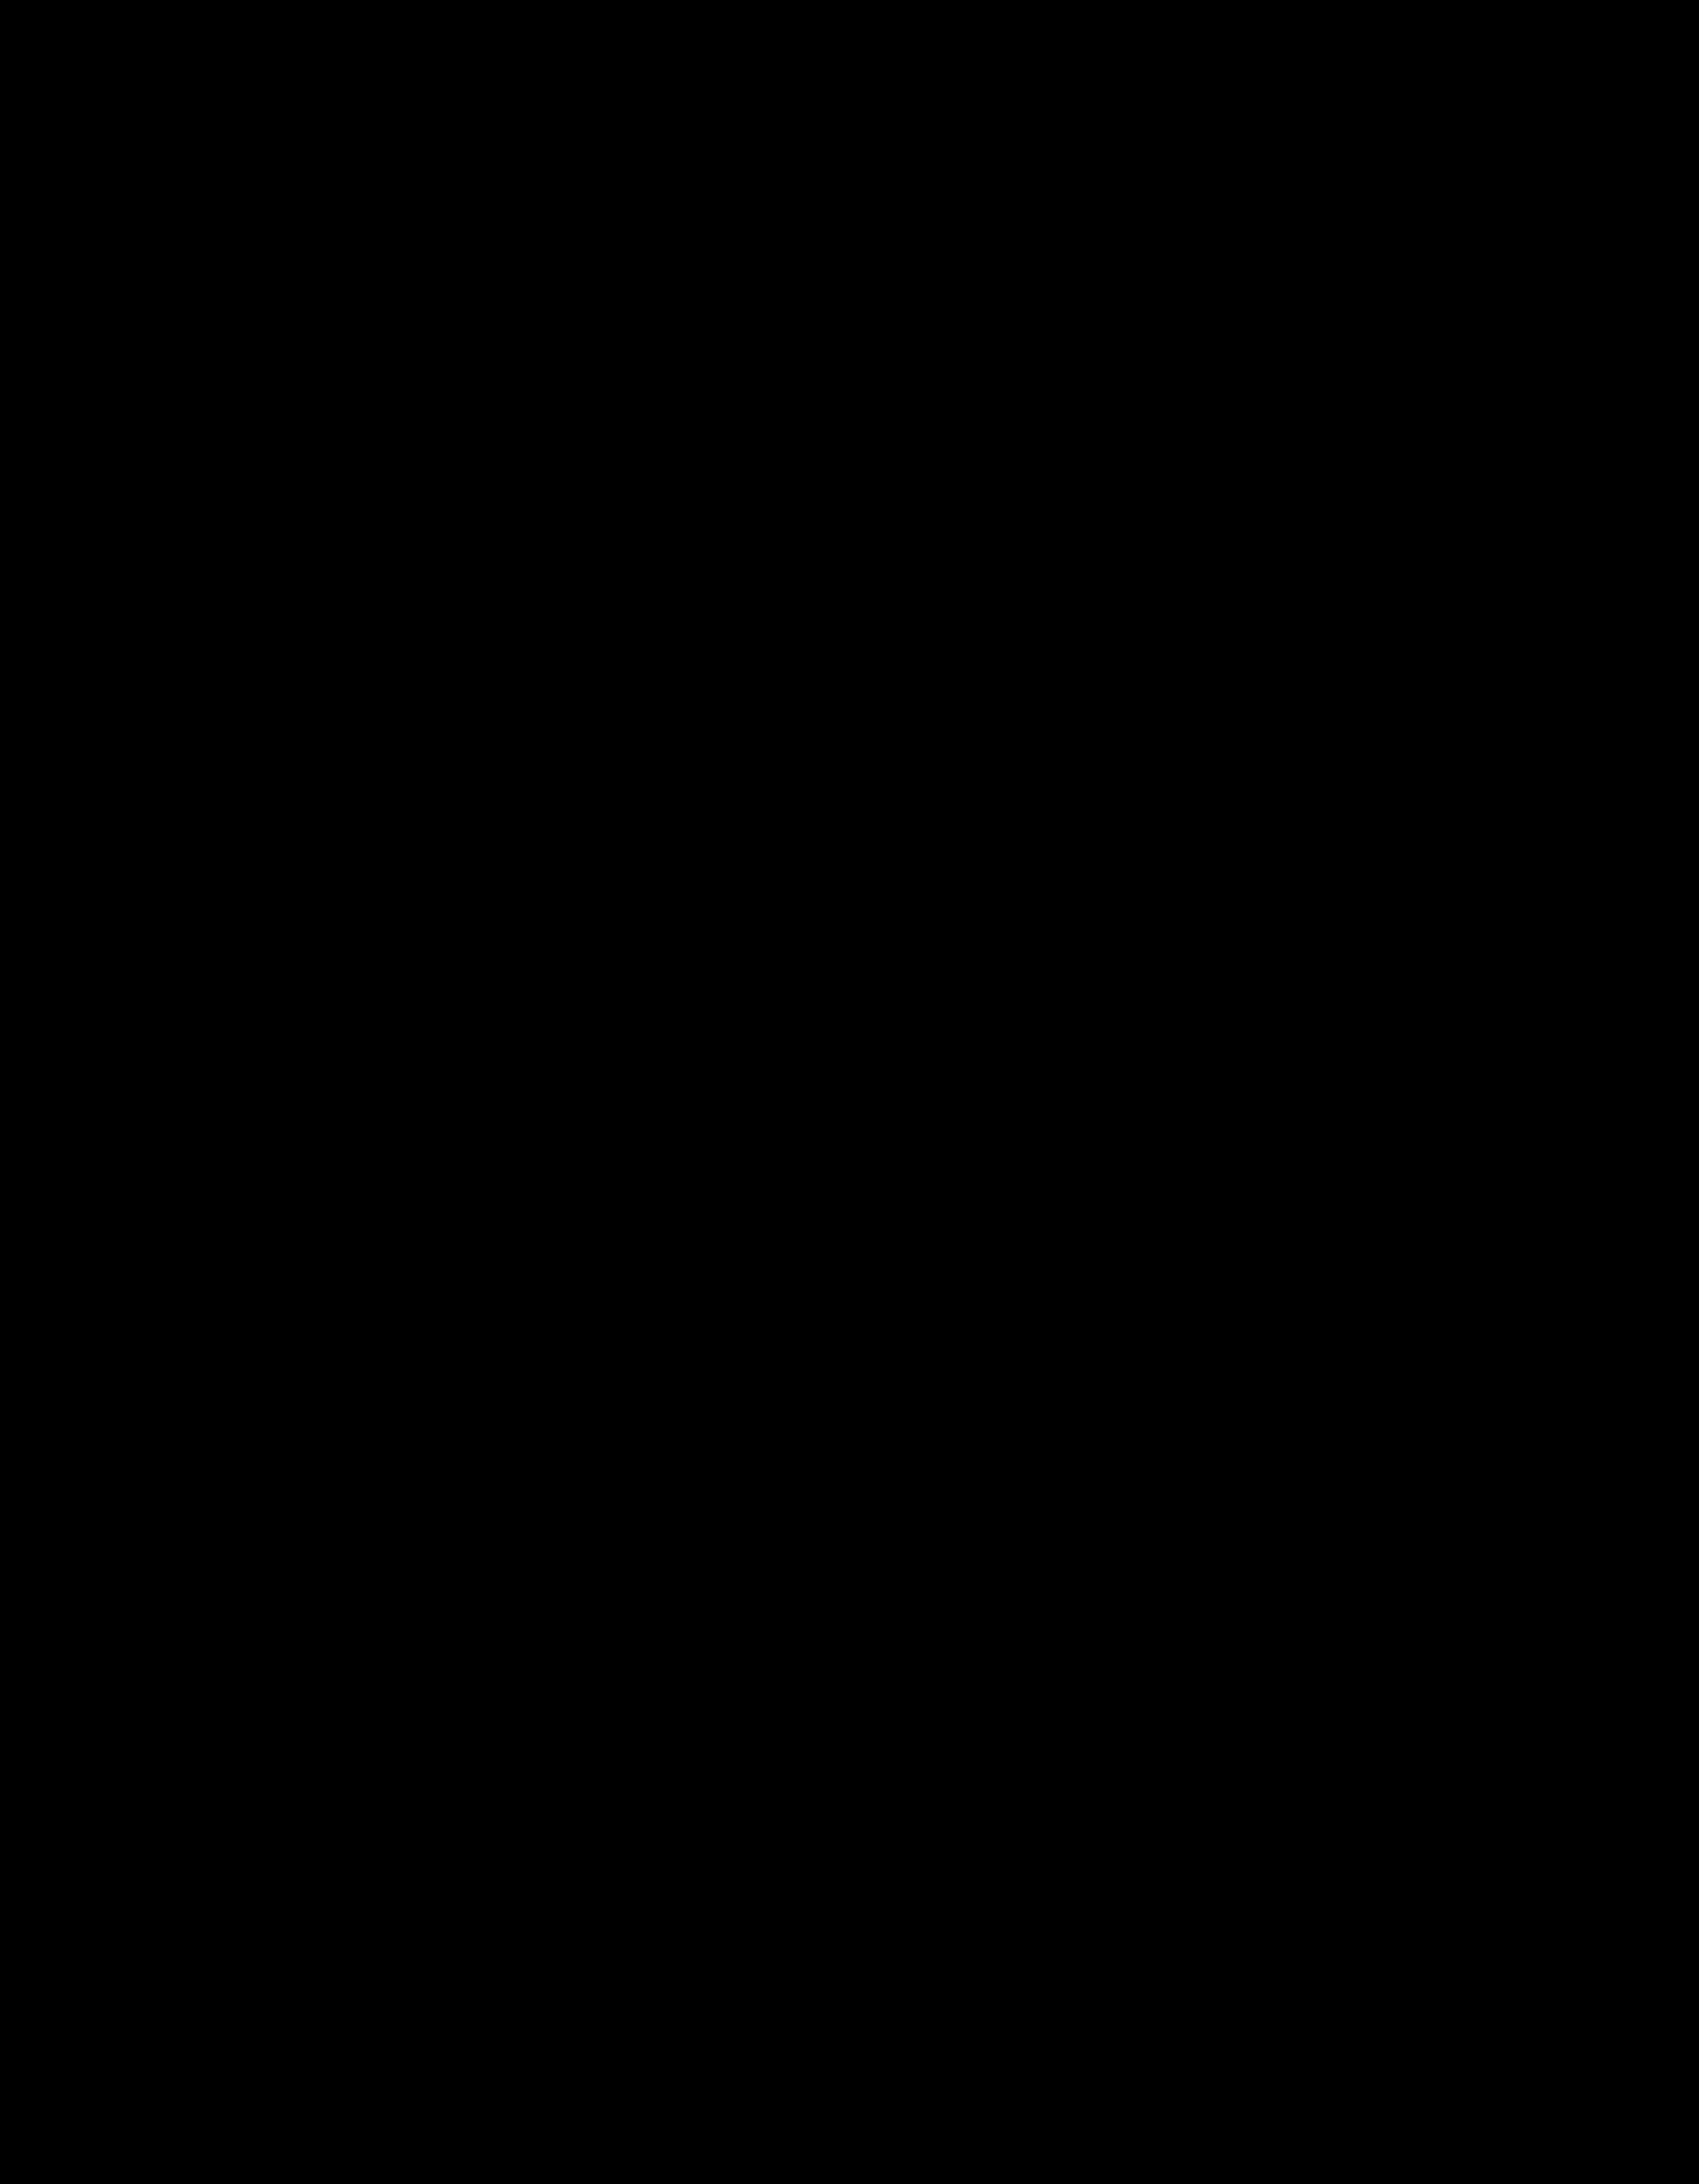 018, 김형길, 선물상자, 53.0 x 45